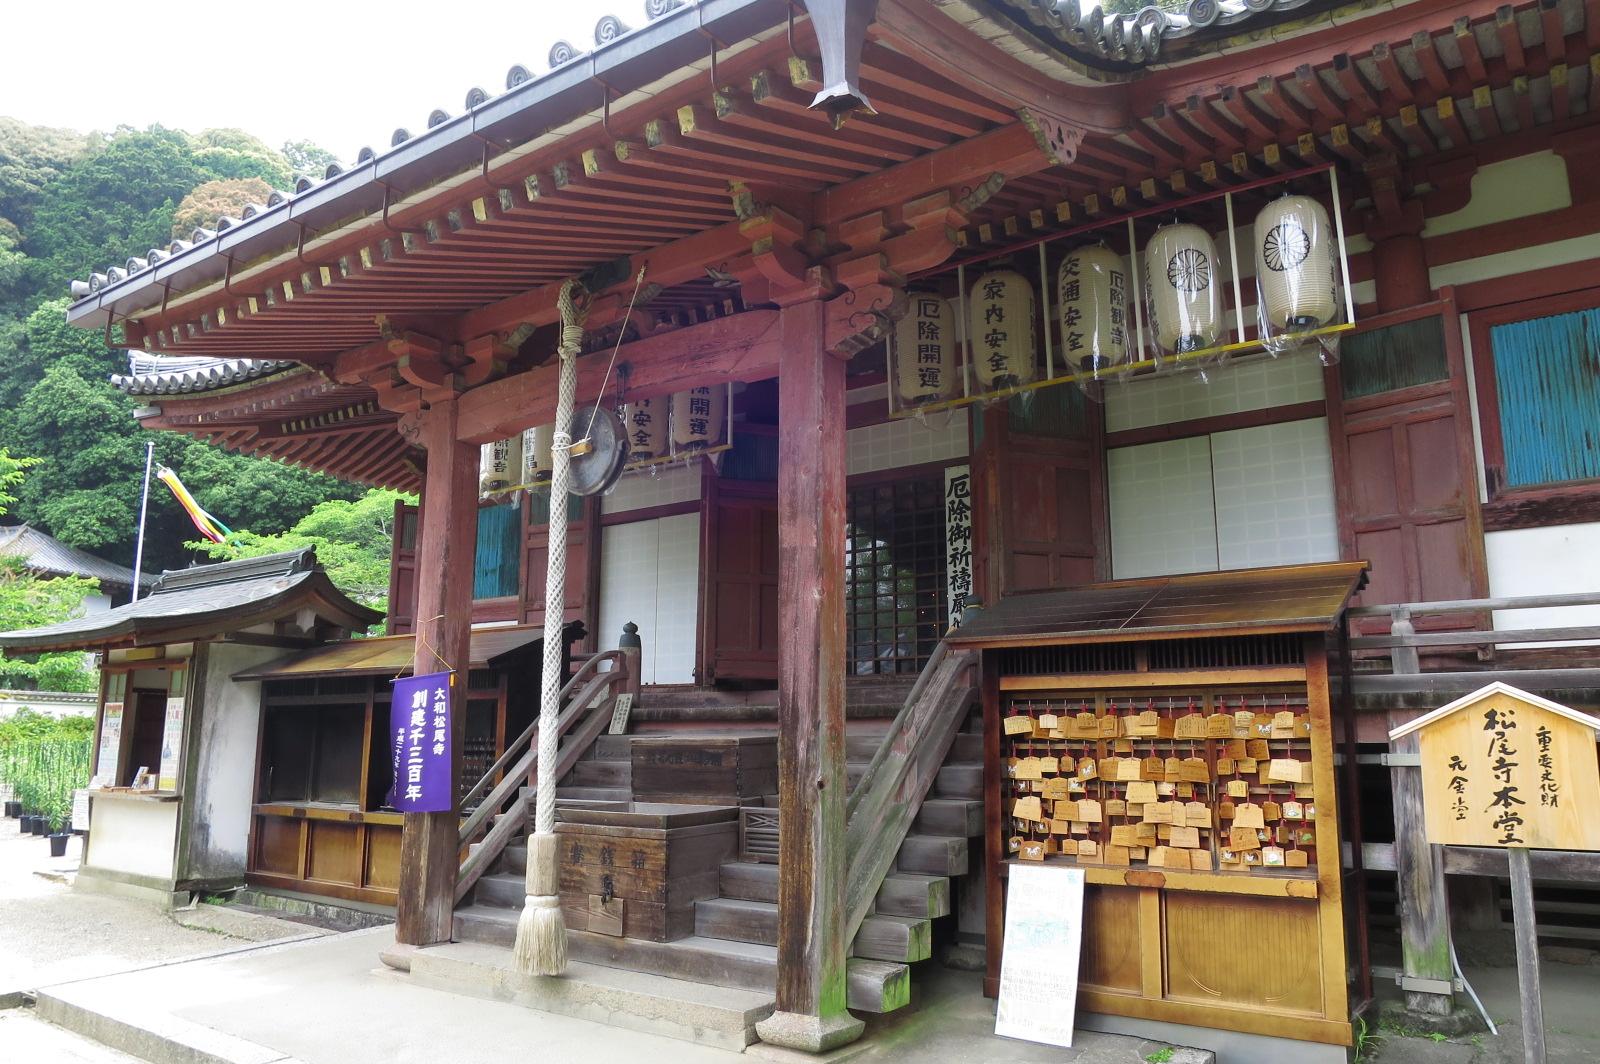 松尾寺は天武天皇の皇子・舎人親王が42歳の厄除けと日本書紀の完成を祈願して建立されたと伝わります。